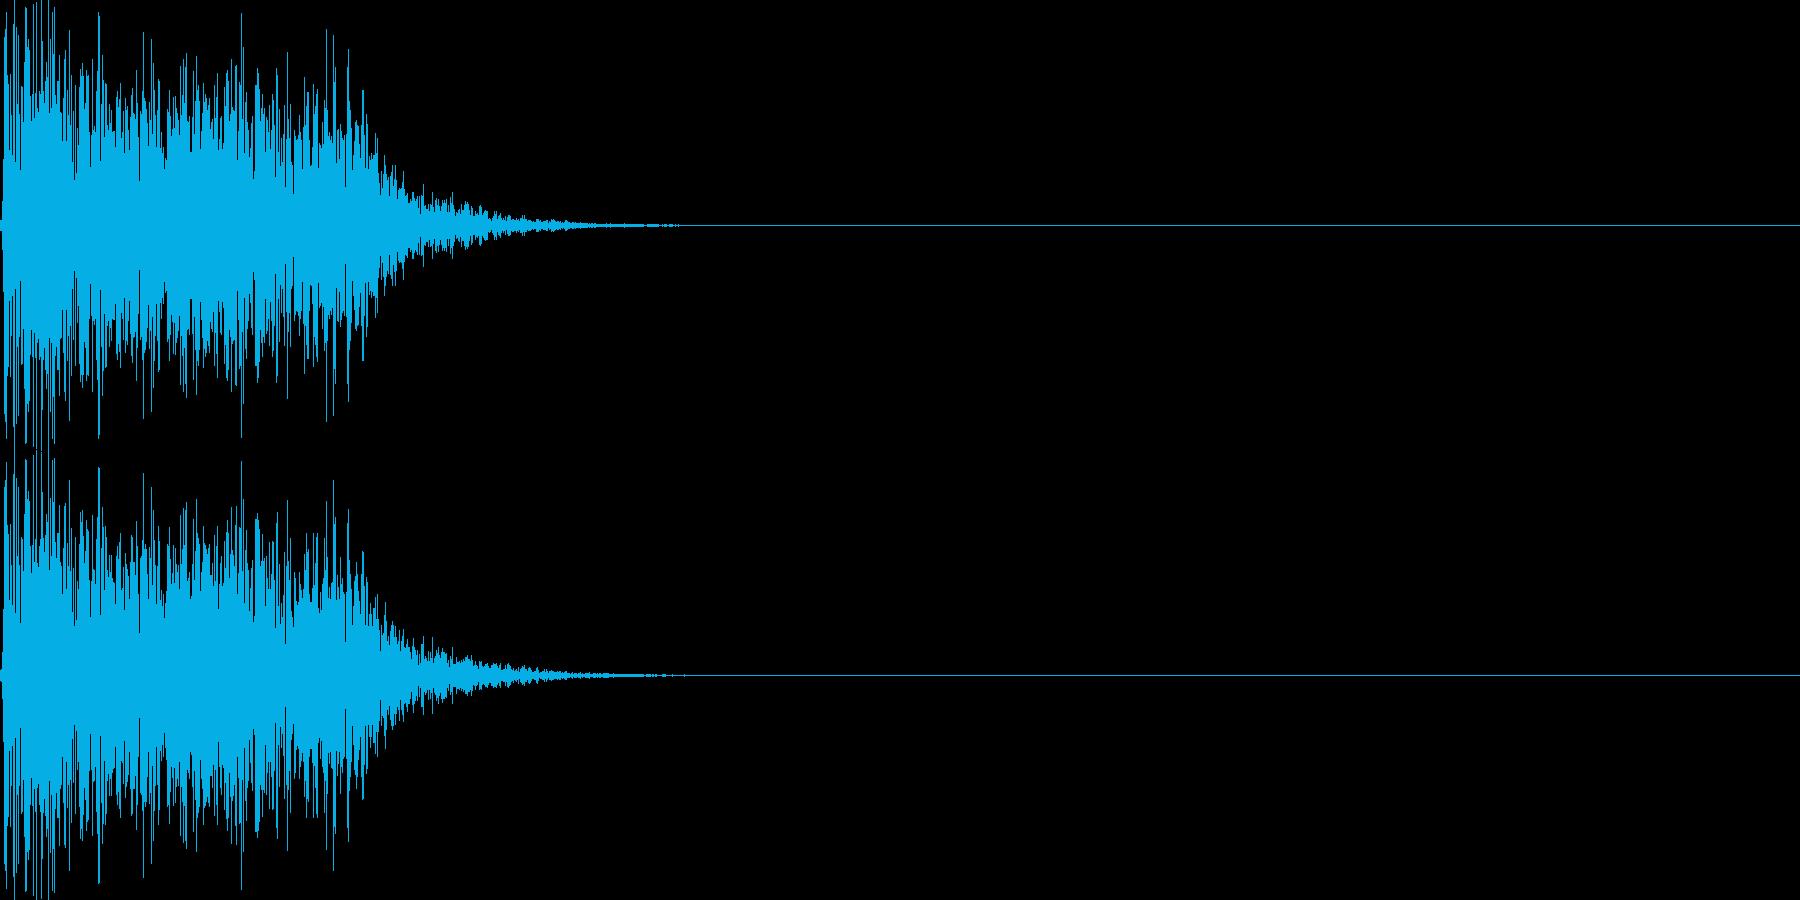 呪文02の再生済みの波形